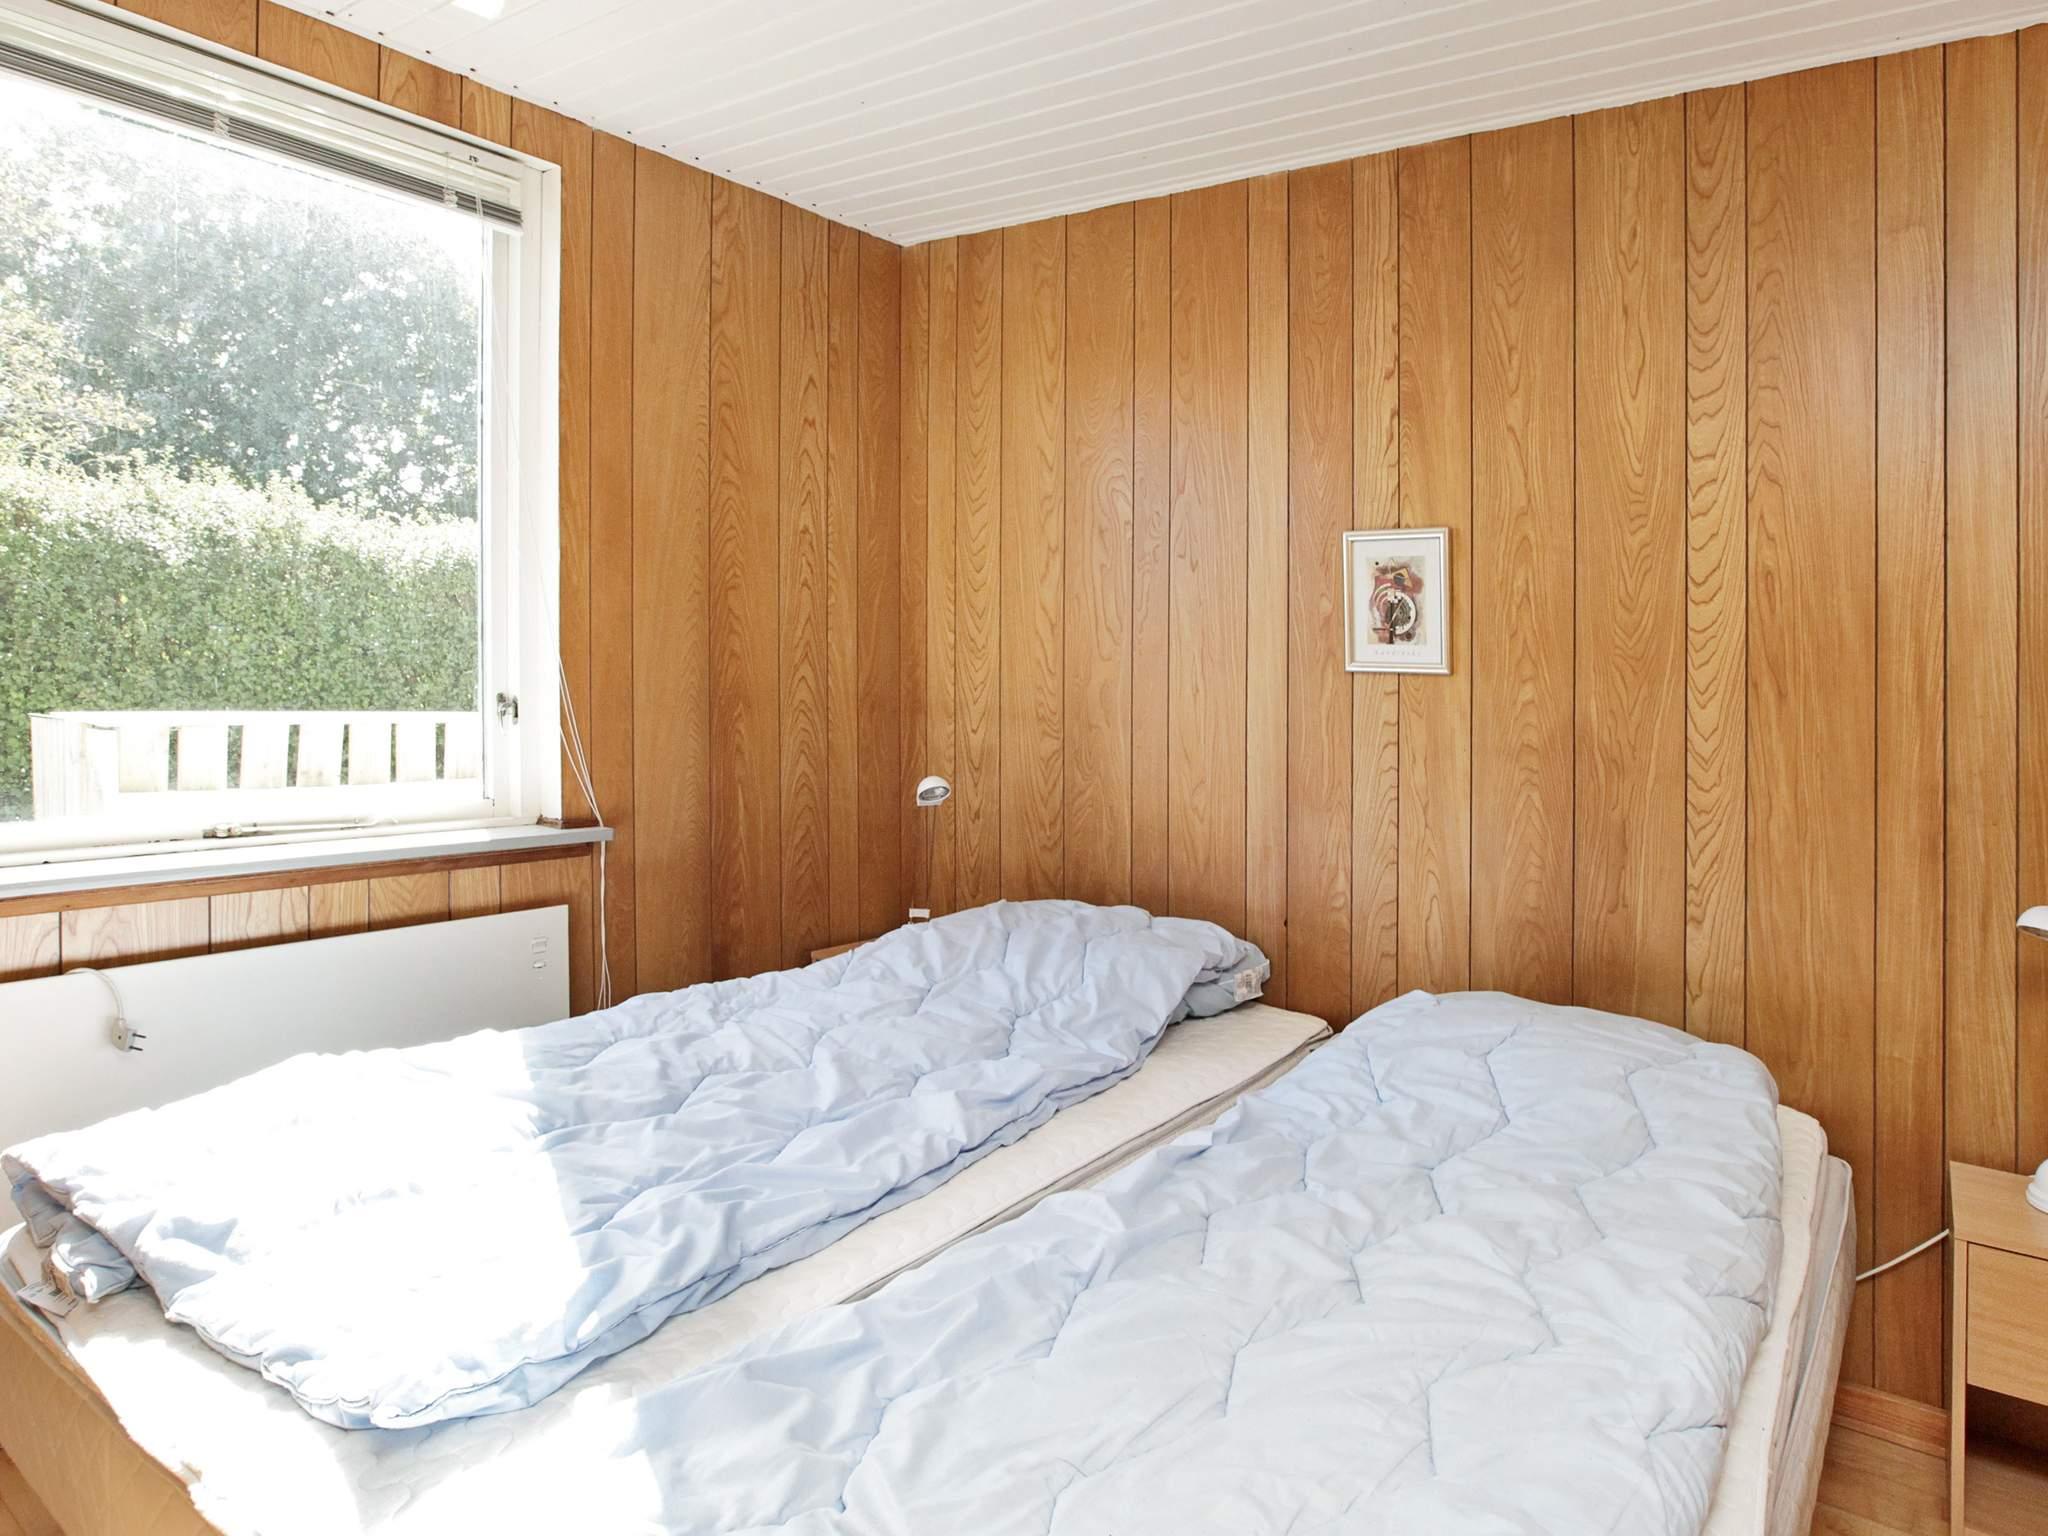 Ferienhaus Skåstrup Strand (420074), Skåstrup, , Fünen, Dänemark, Bild 2